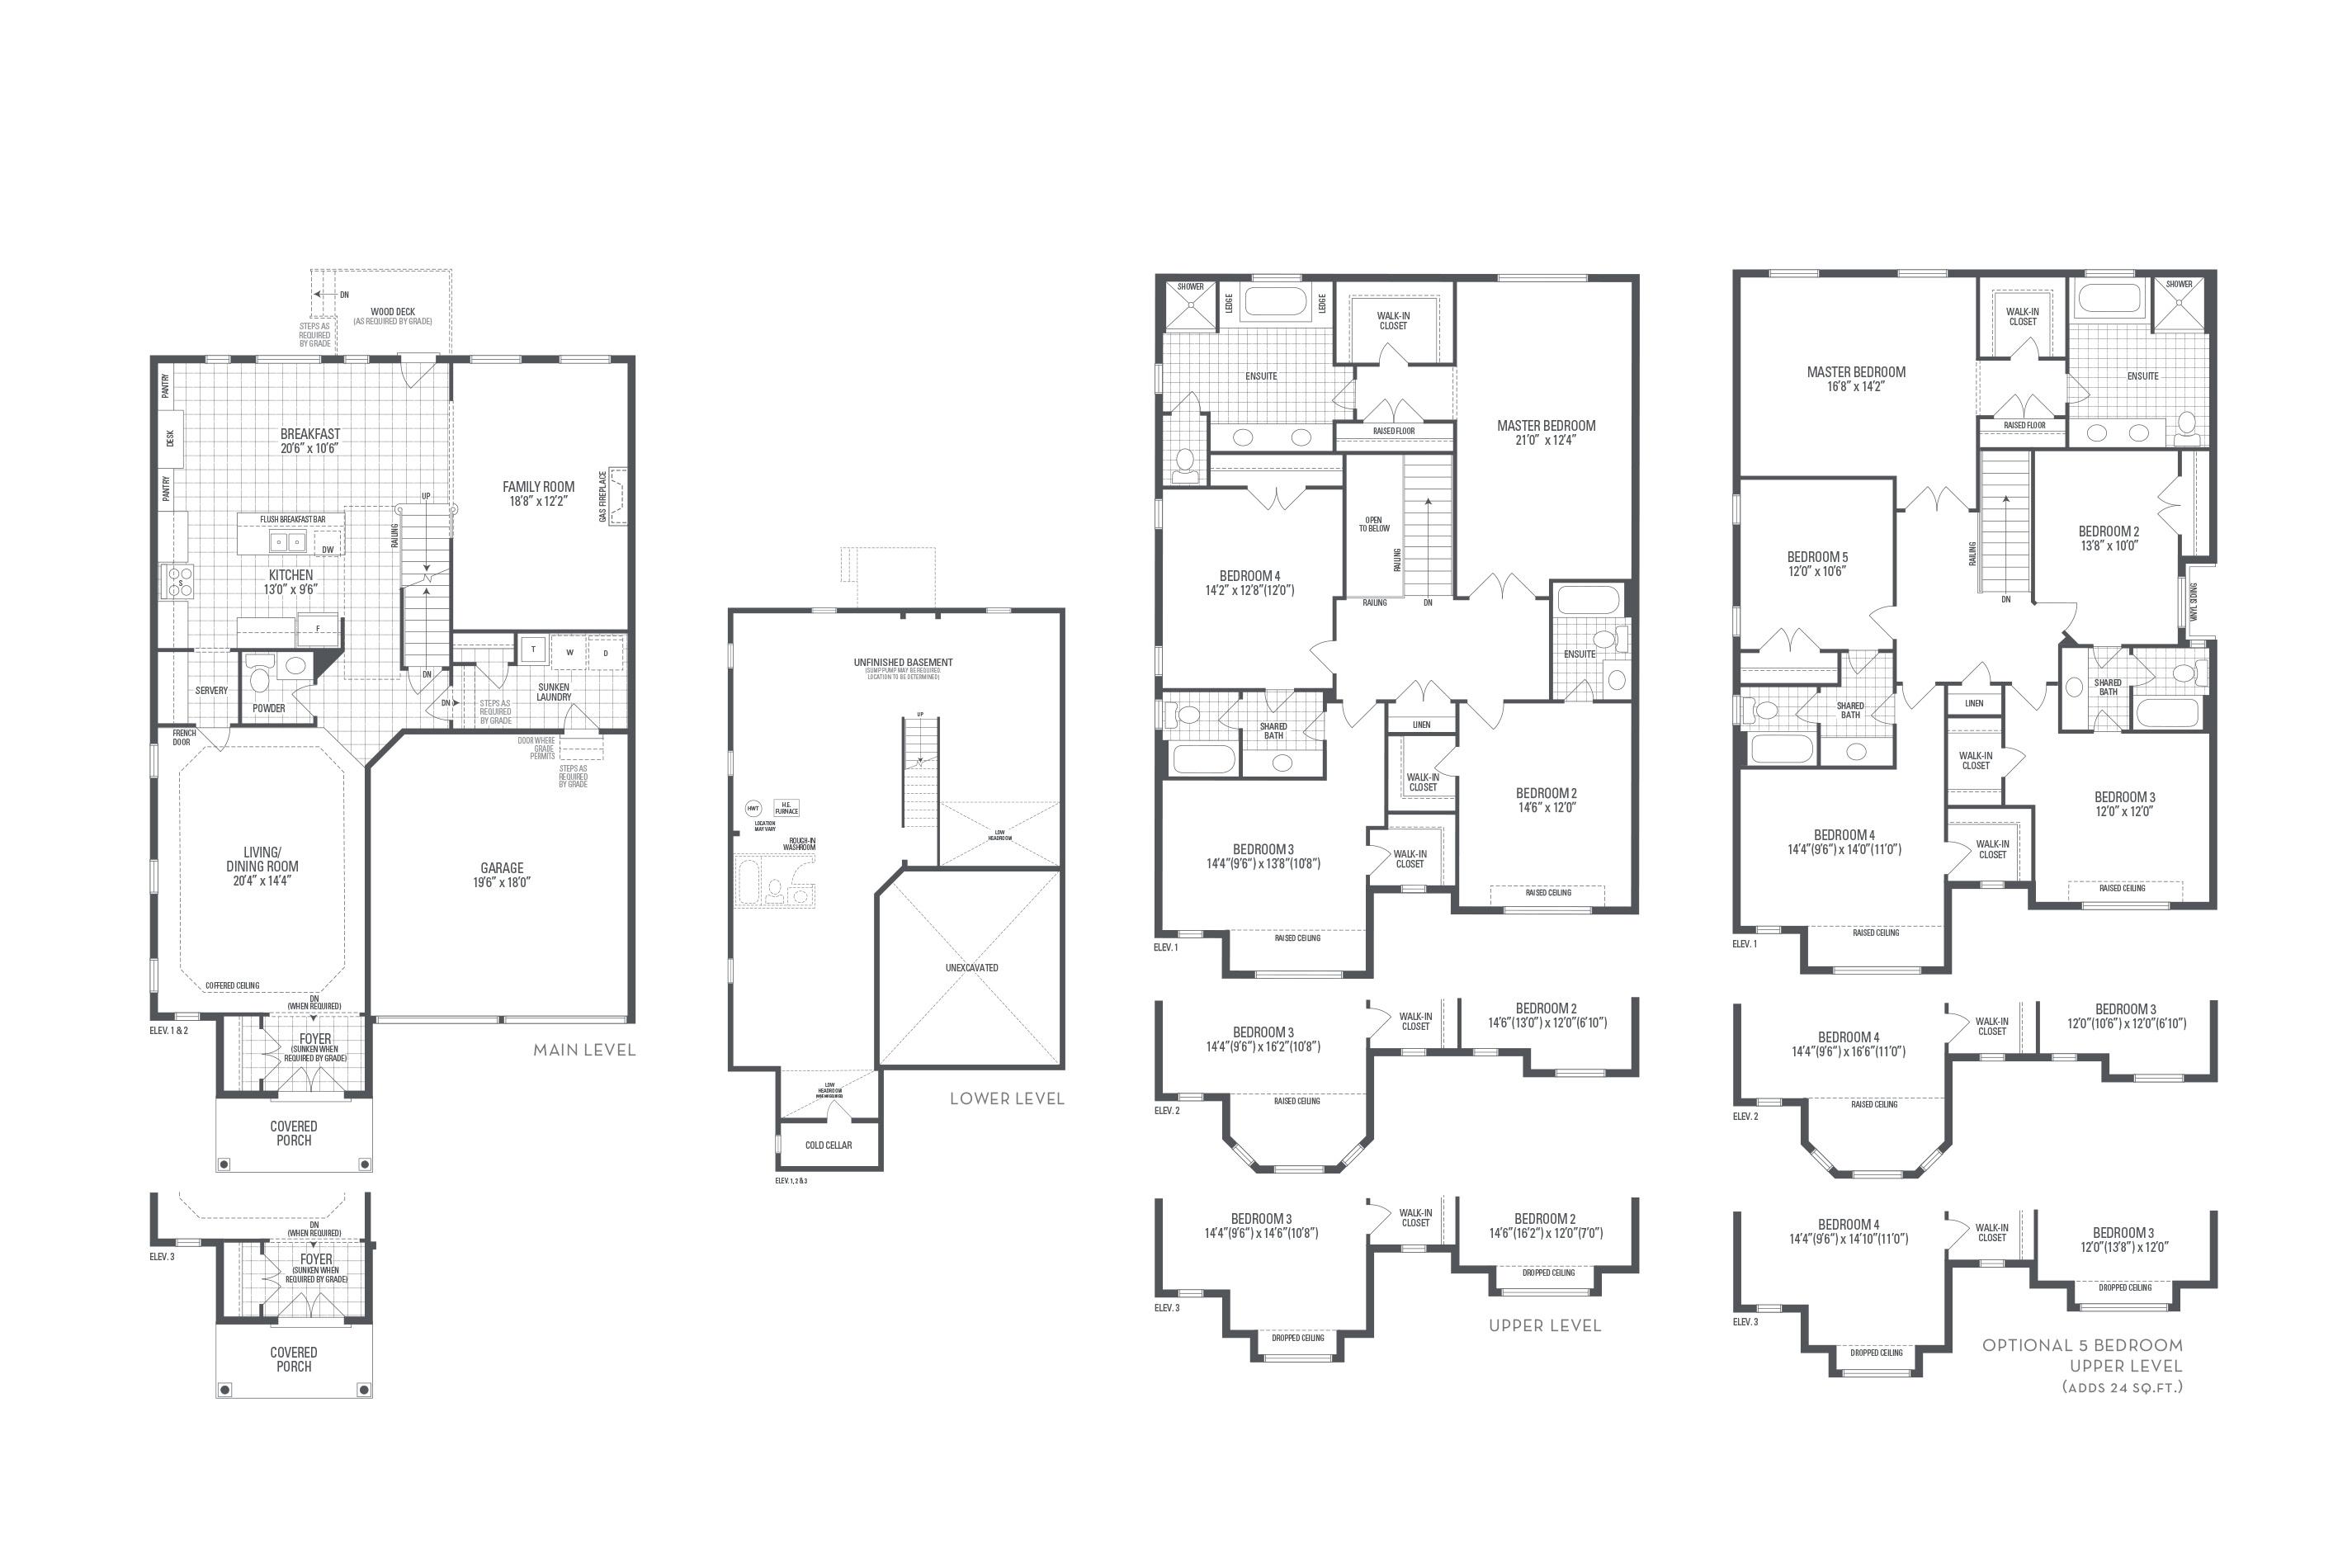 Crawford 02 Elev. 3 Floorplan